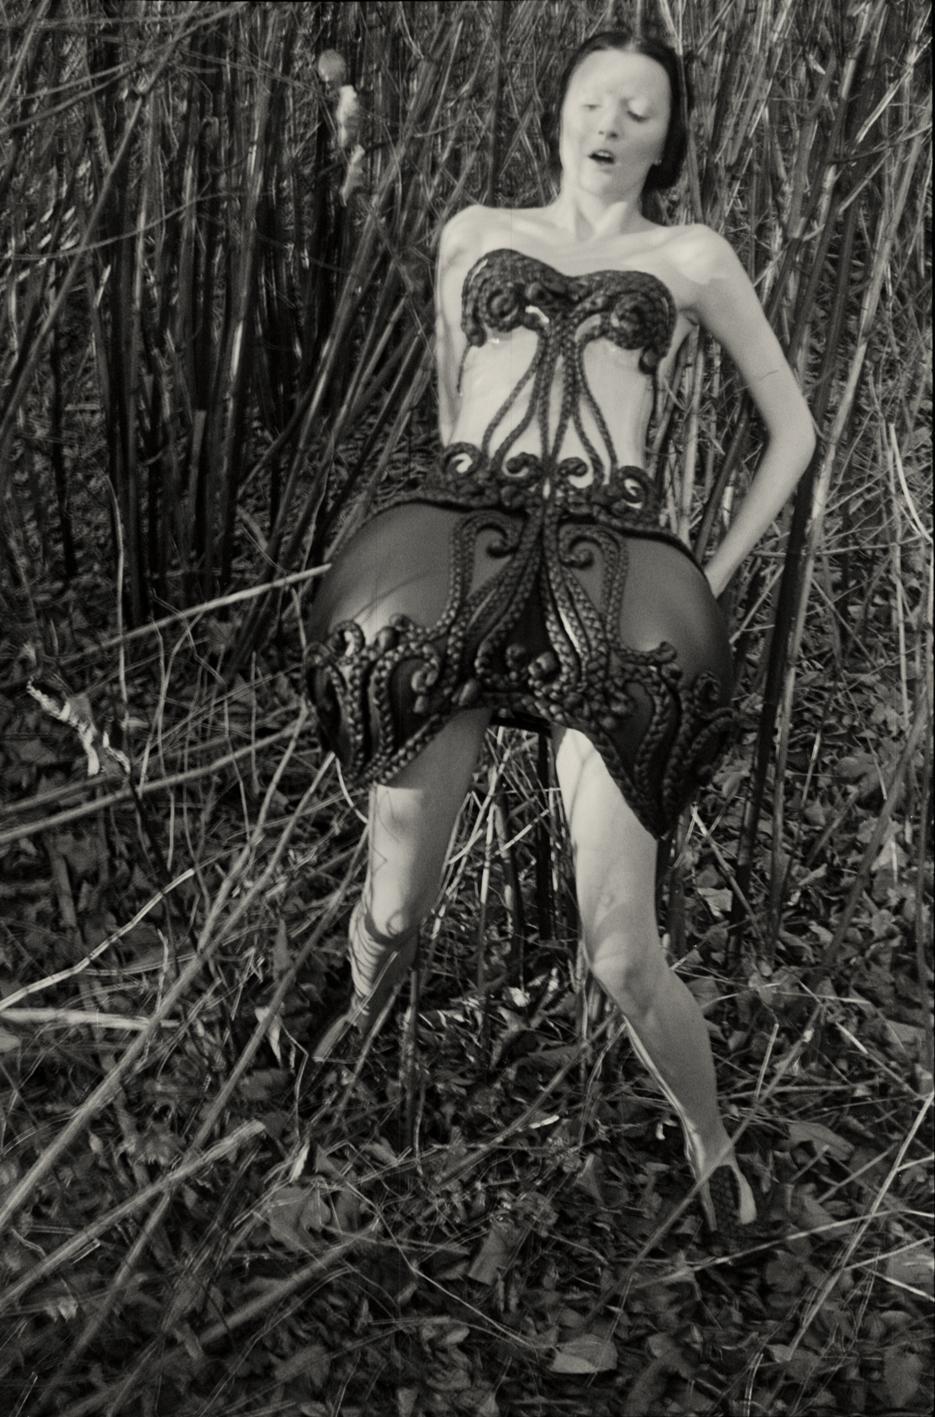 Halina Mrożek, Bez tytułu, 2010, z serii Fuse, fotograf : Keymo, wizaż: Katarzyna Skupny, modelka: Ida